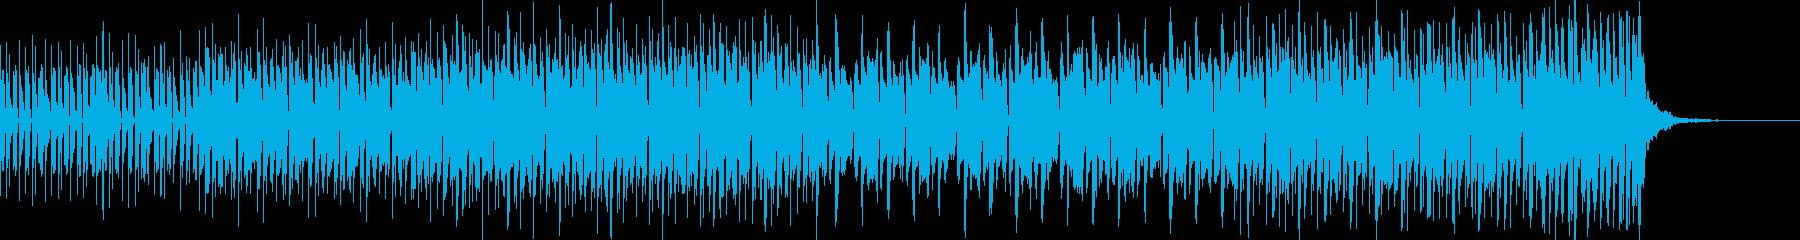 バトル:近未来的コミカルテクノ60秒の再生済みの波形